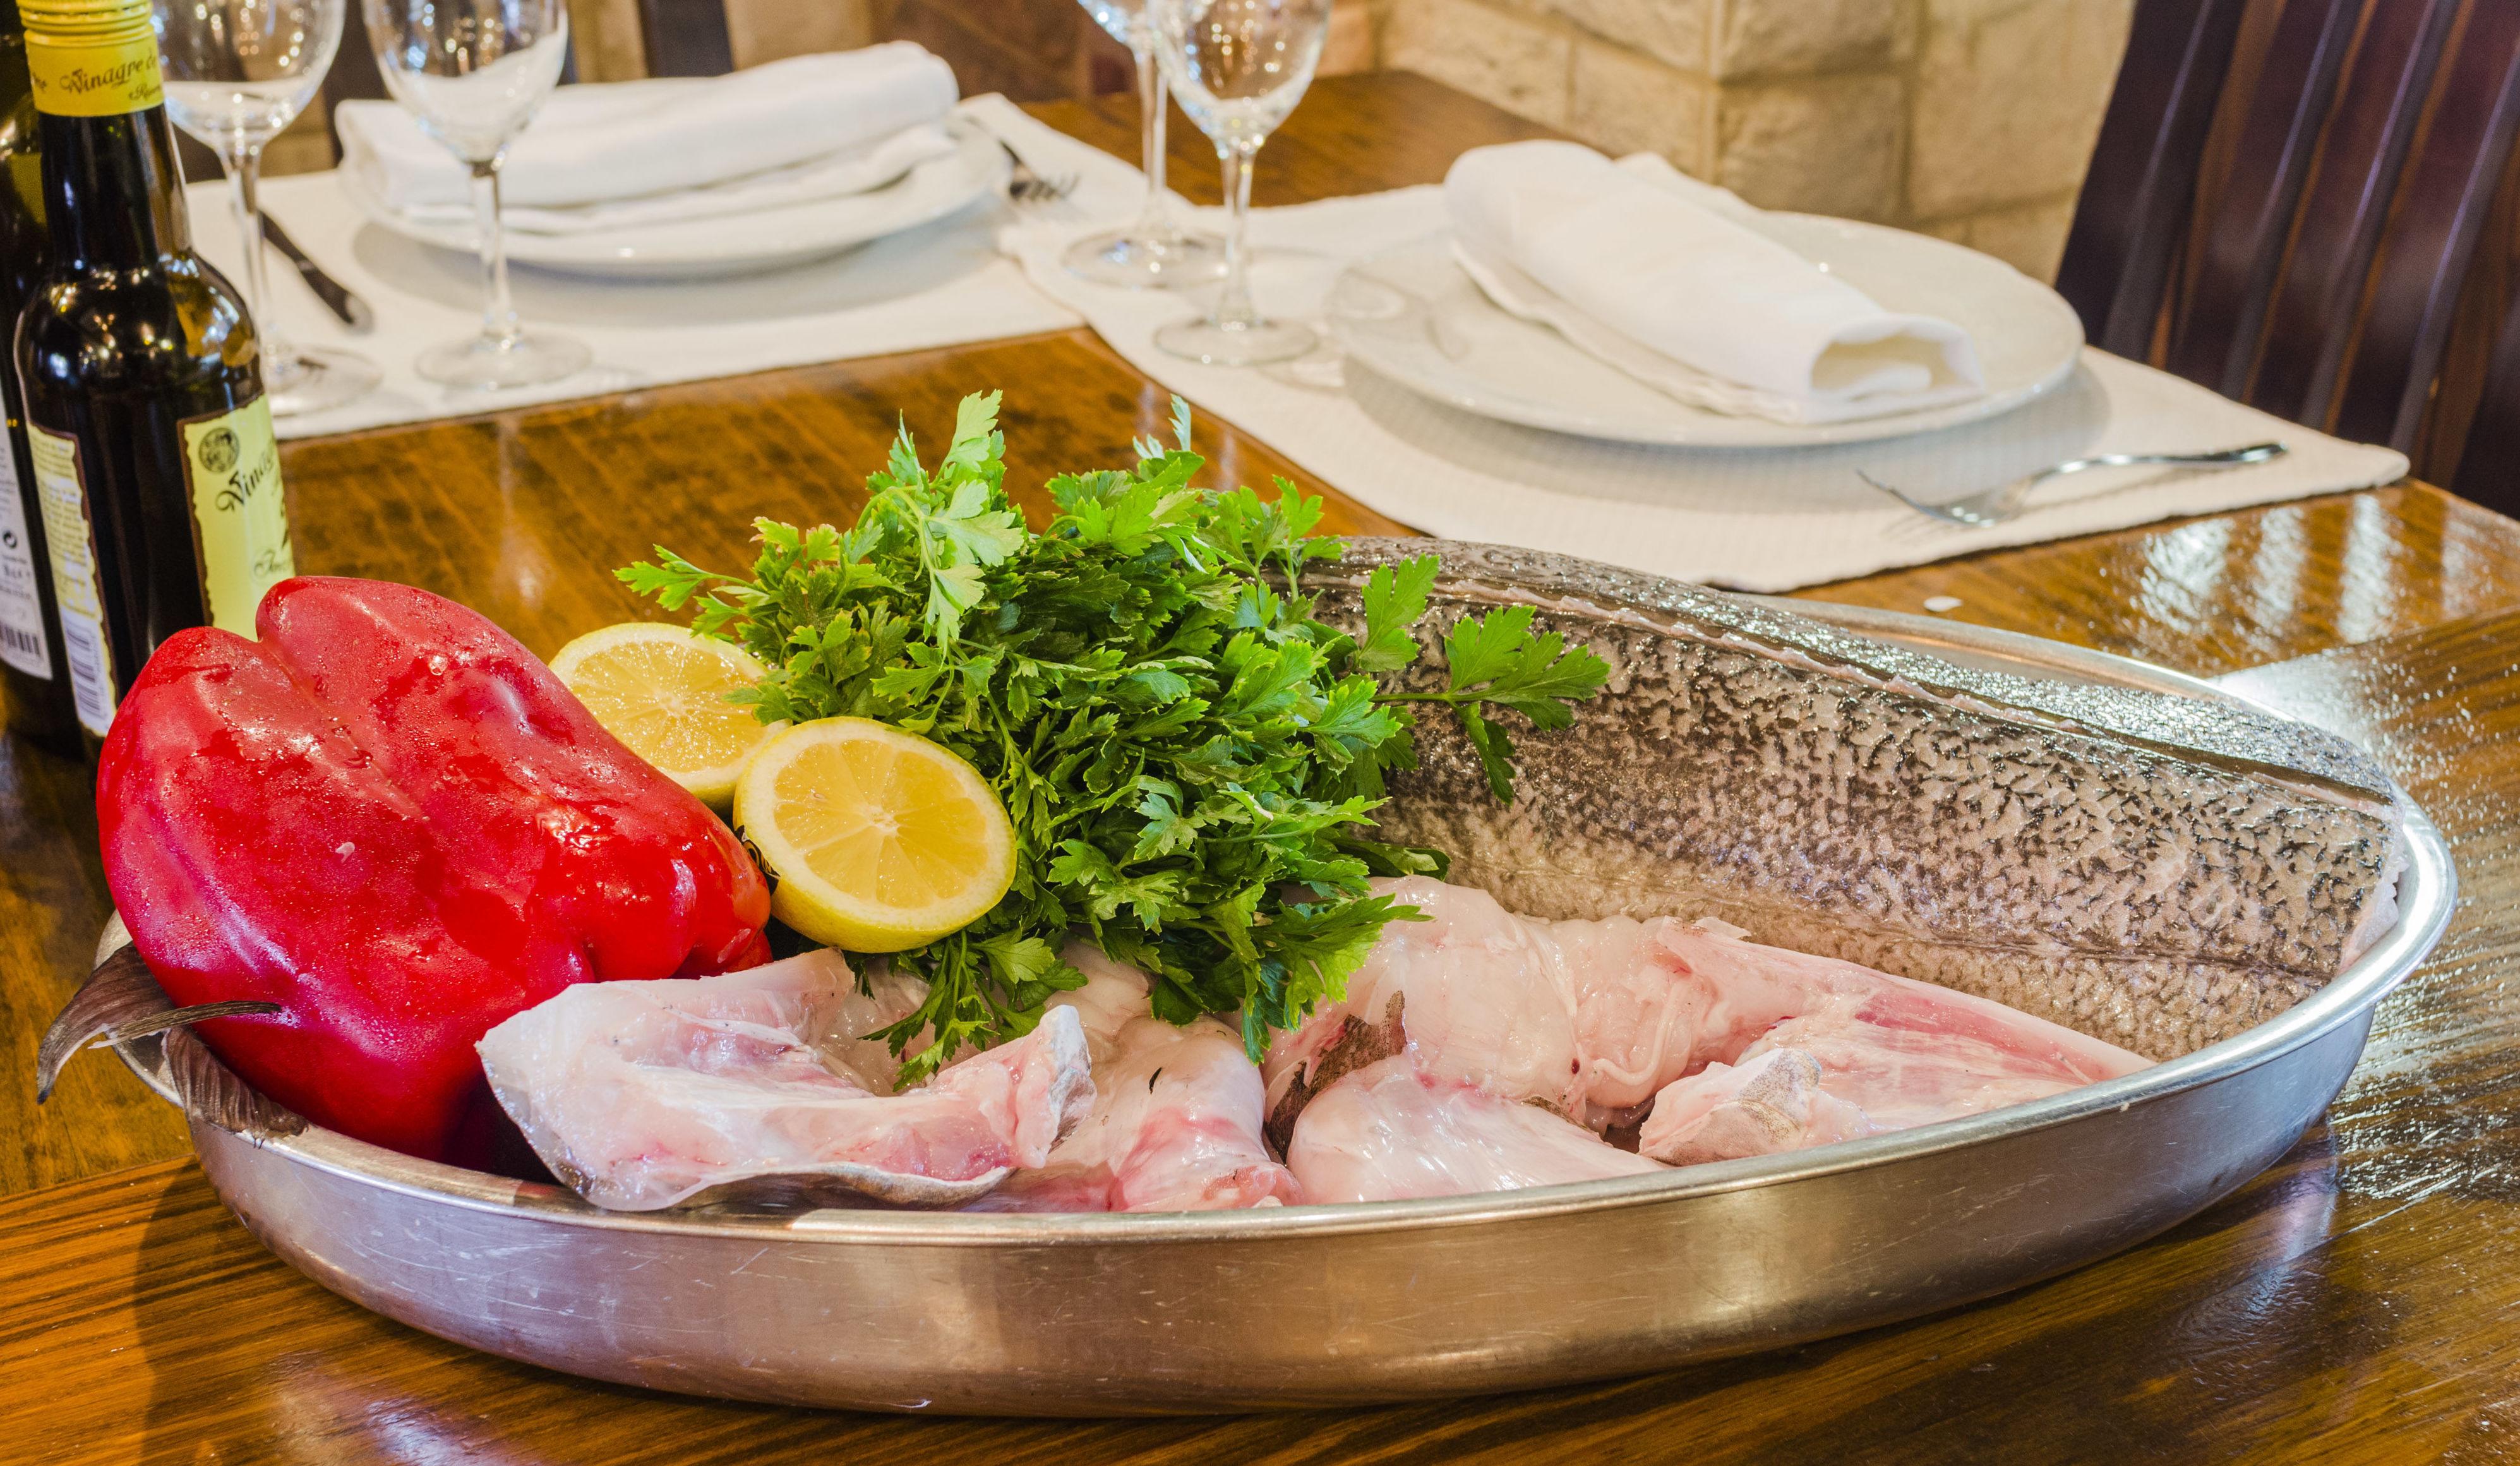 Las mejores carnes y pescados en el Mesón La Fresquera, Playa de las Américas, Tenerife